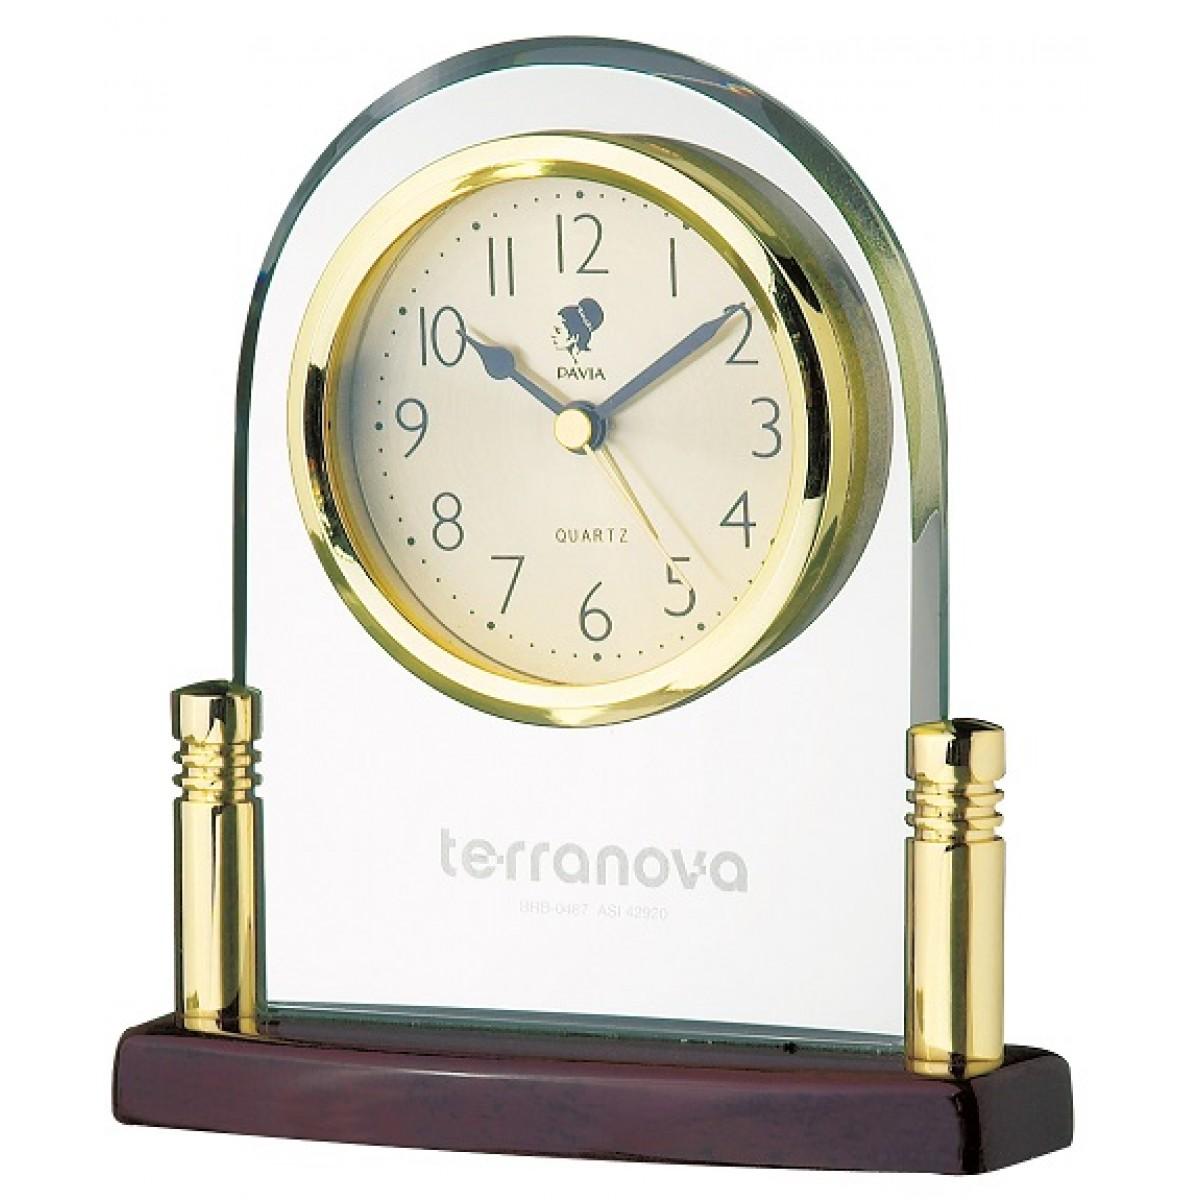 Horloge analogique prix entre 31 et 40 cat gories de prix for Prix horloge